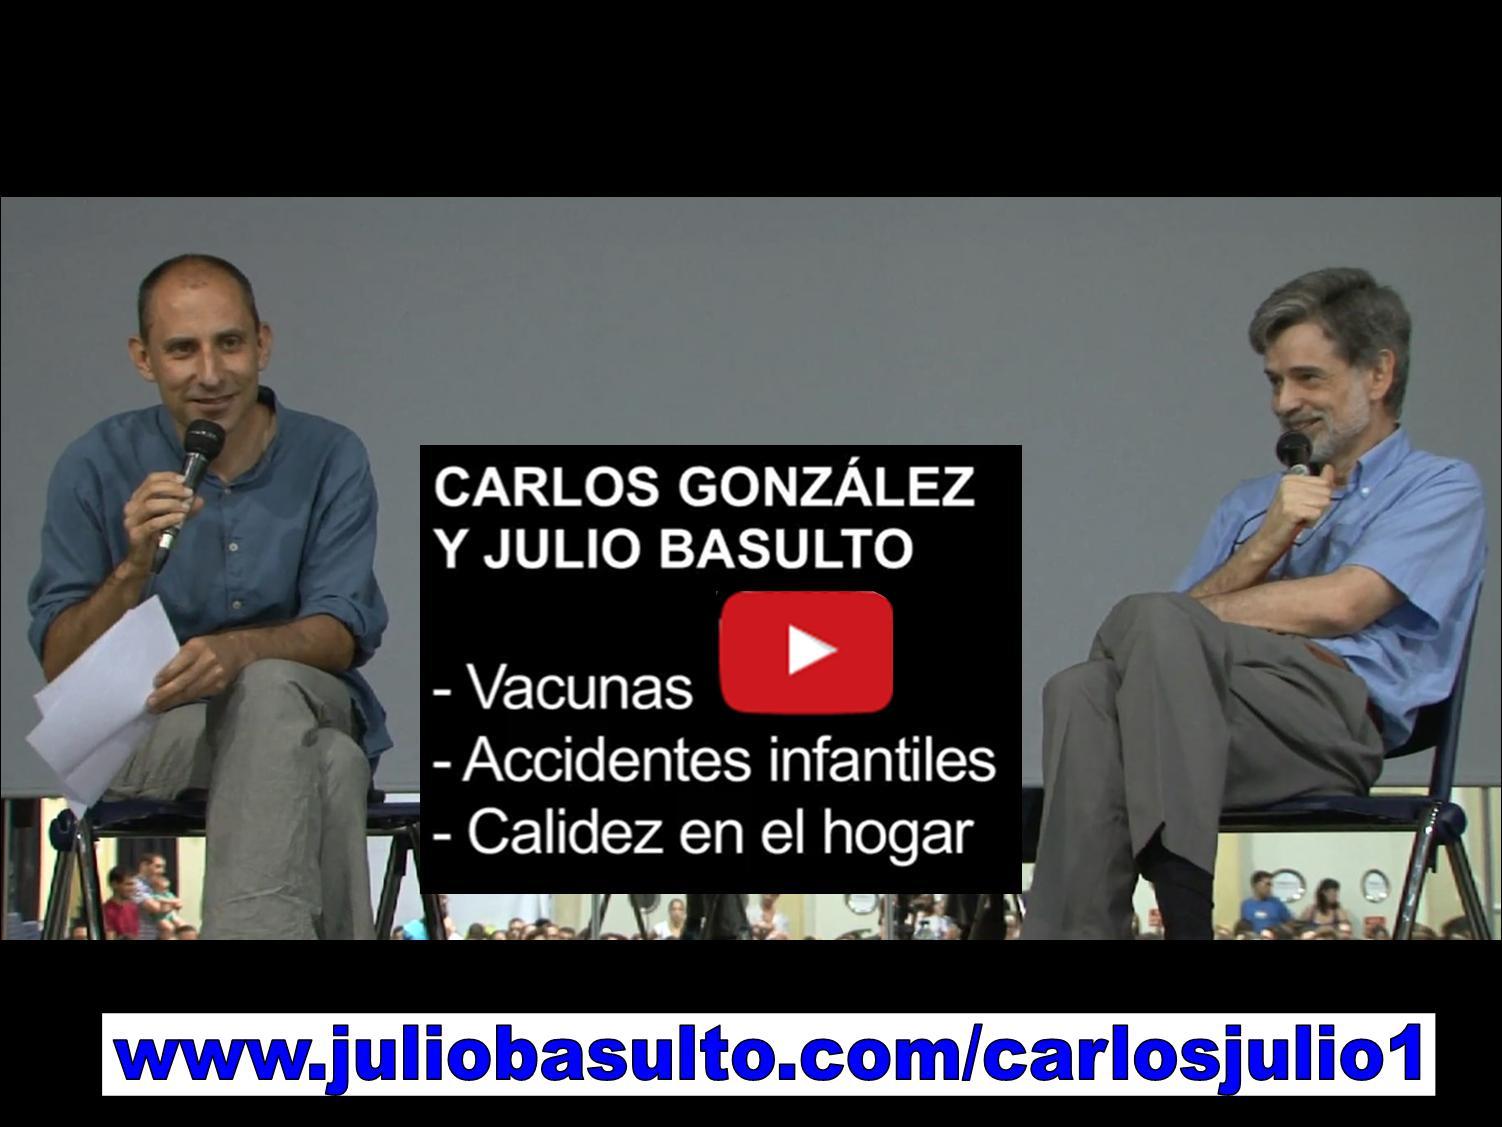 Vídeo de Carlos González y Julio Basulto en Barcelona (primer fragmento)